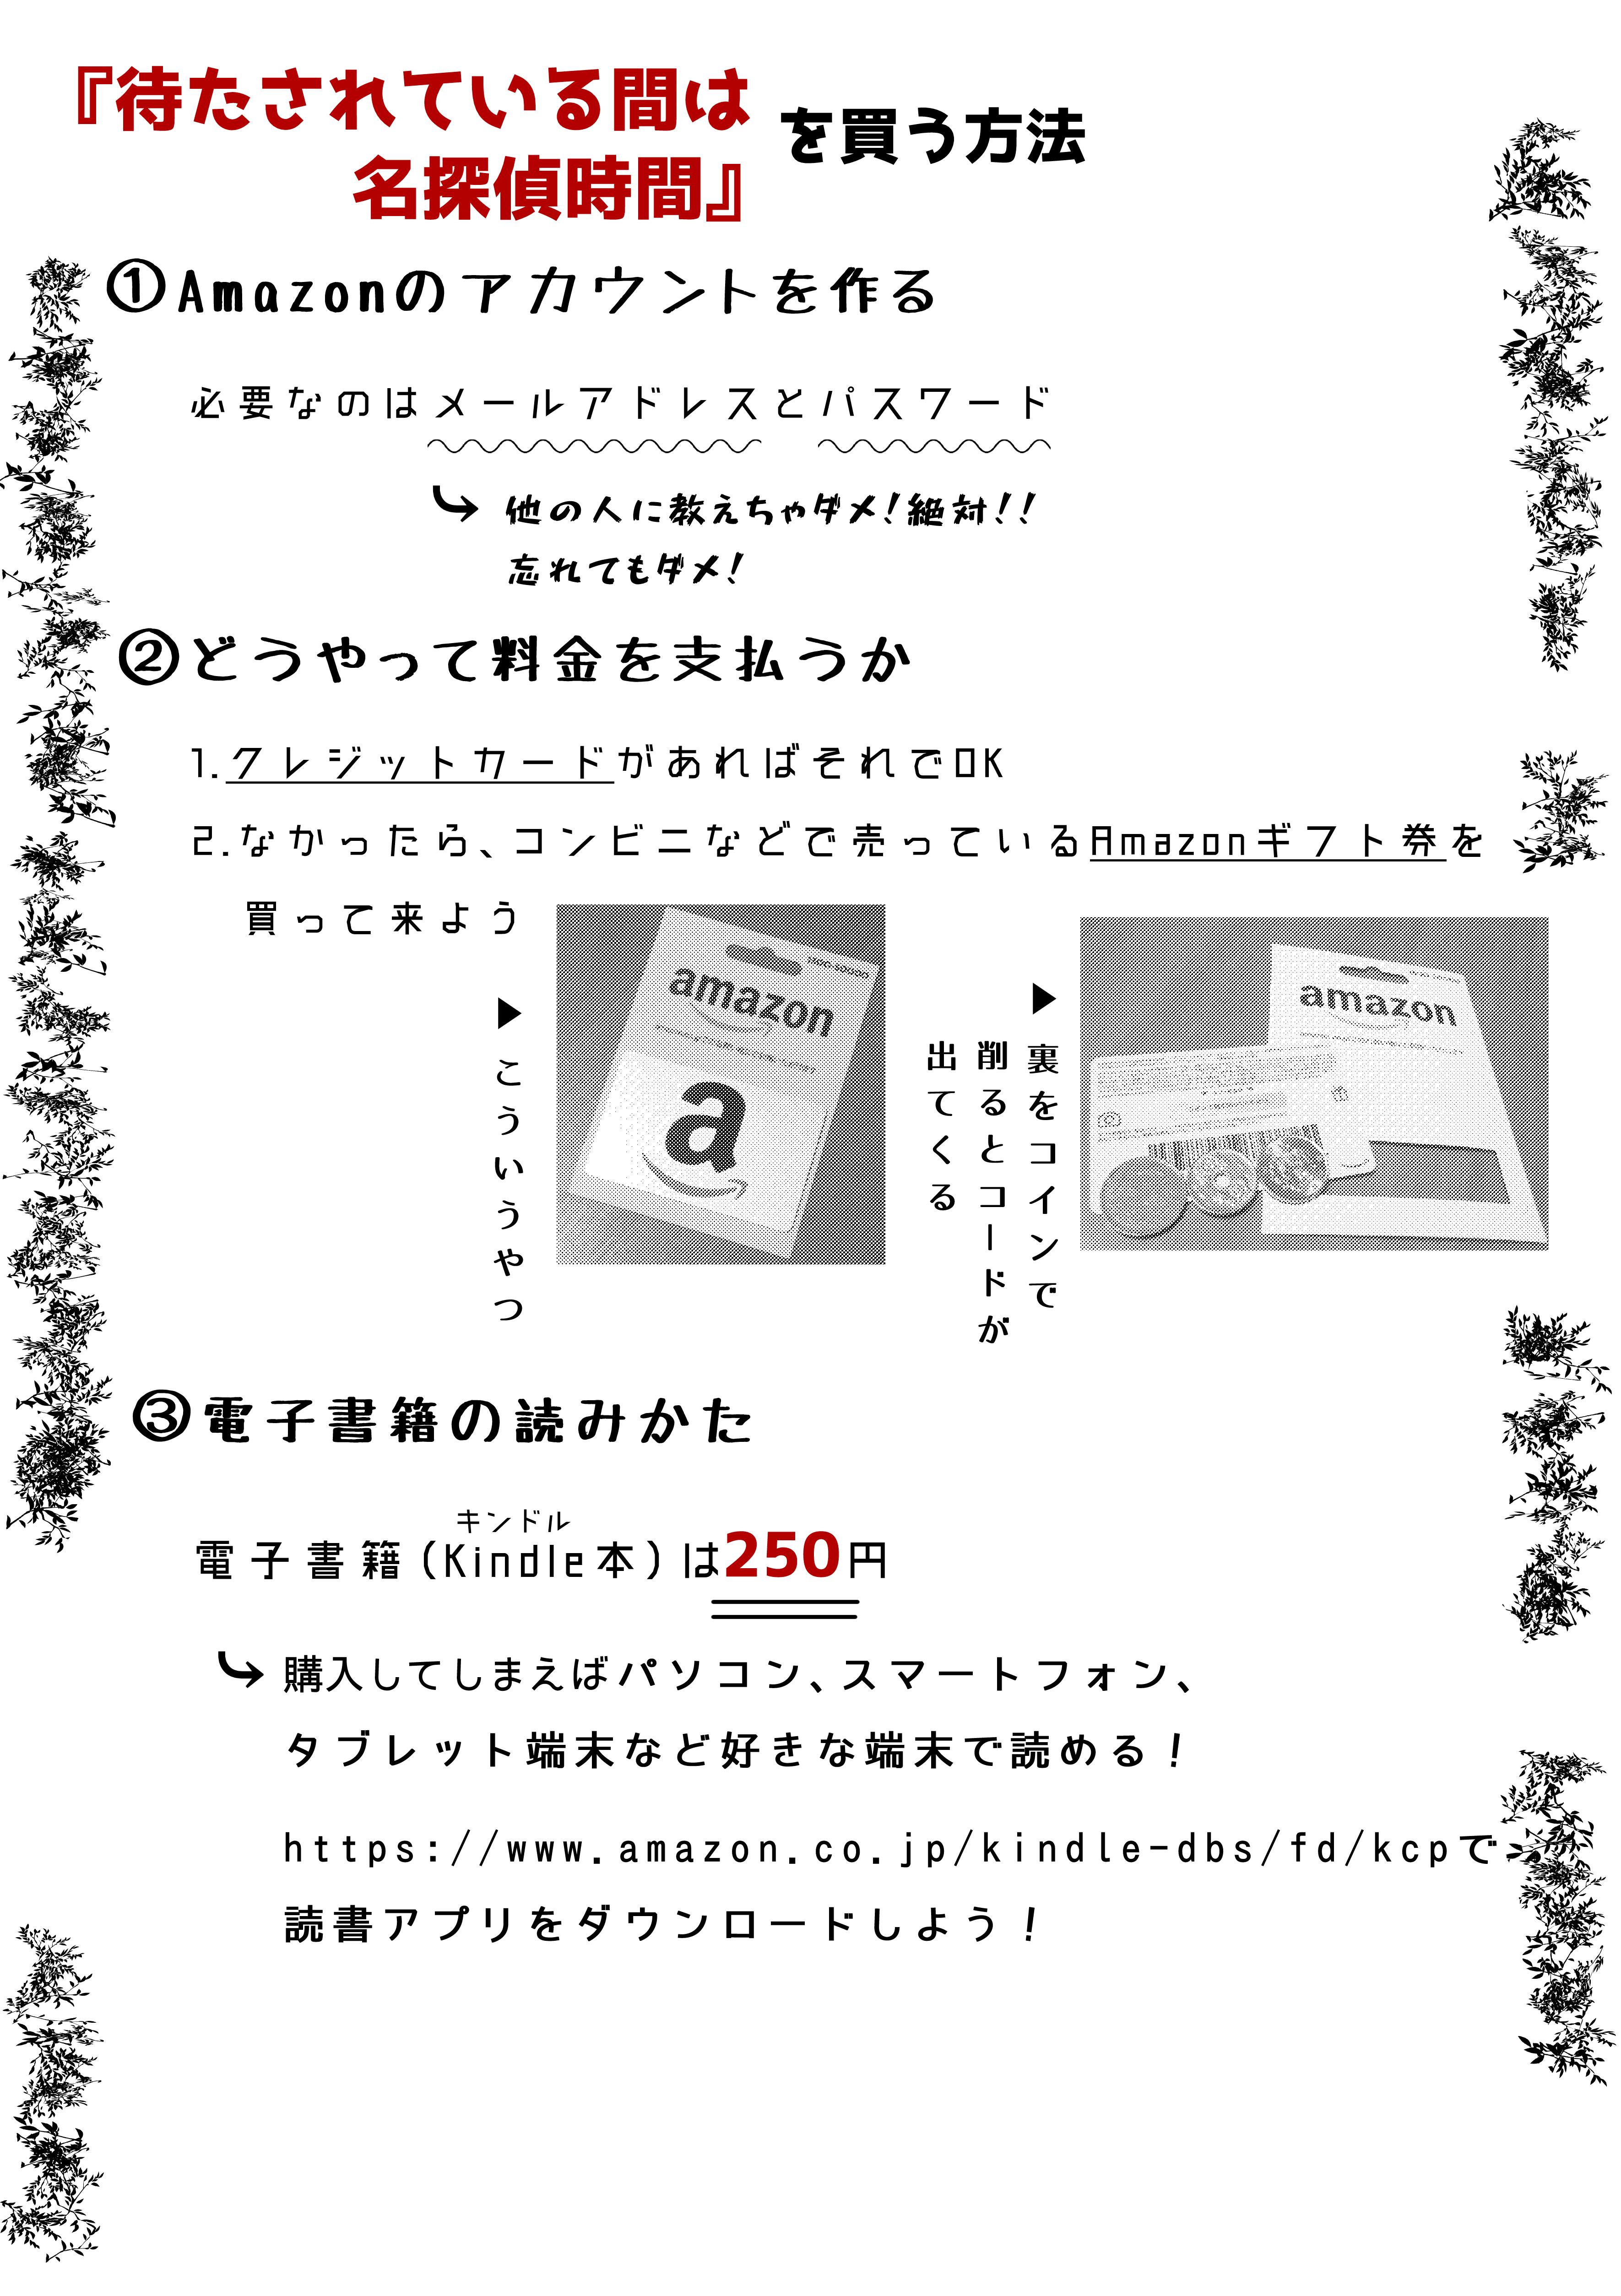 kaikata.jpg